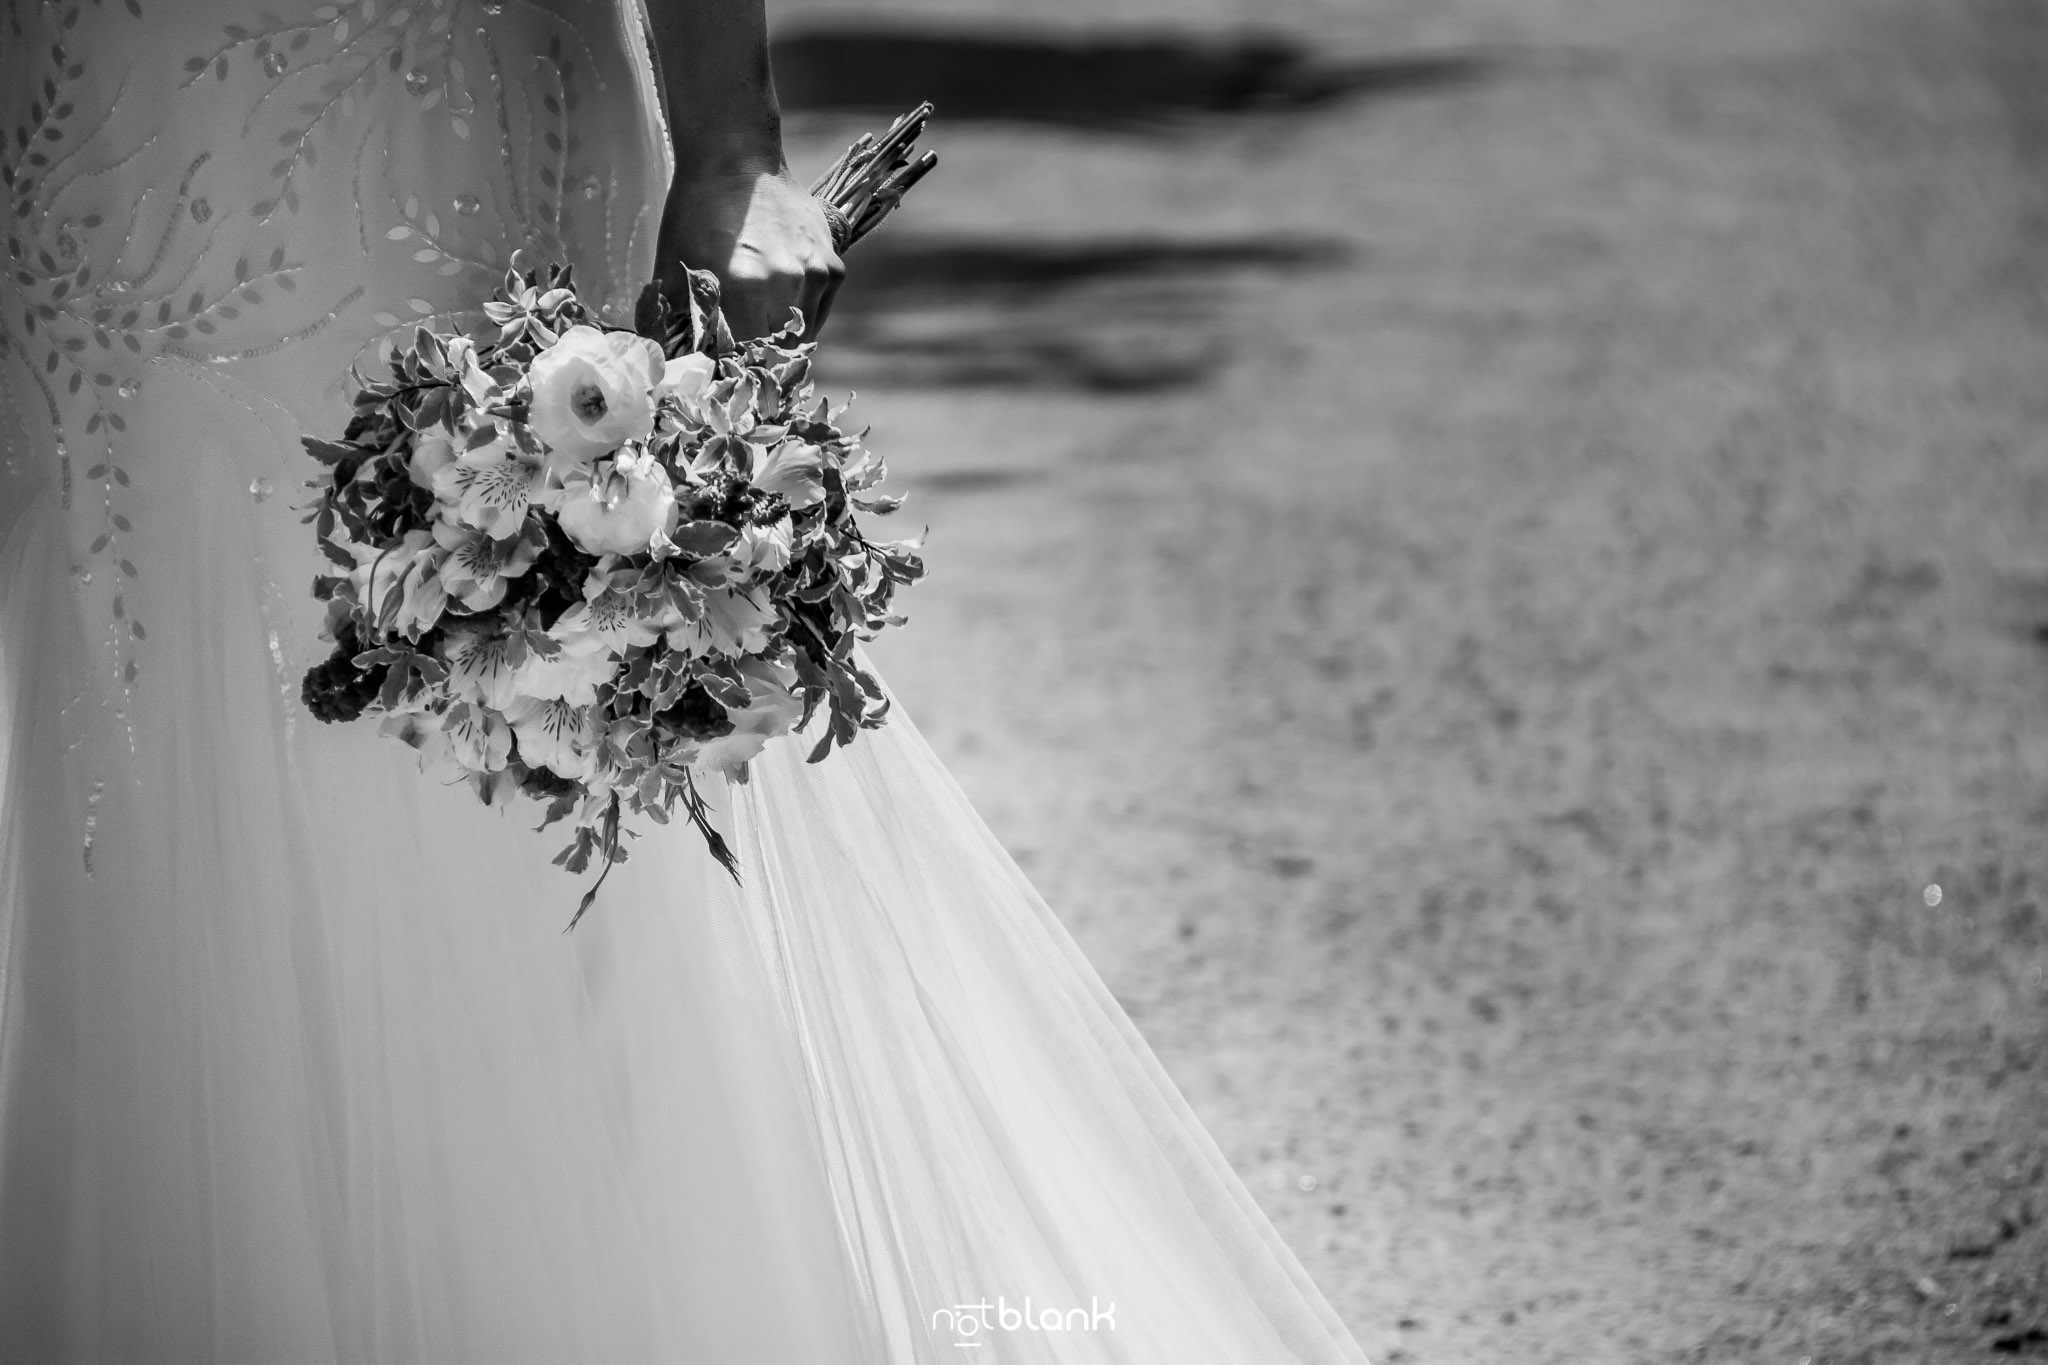 notblank-boda-Fotógrafo de boda-Pazo de Cea-Nigrán-Manos-Novia-Ramo-Vestido-Flores